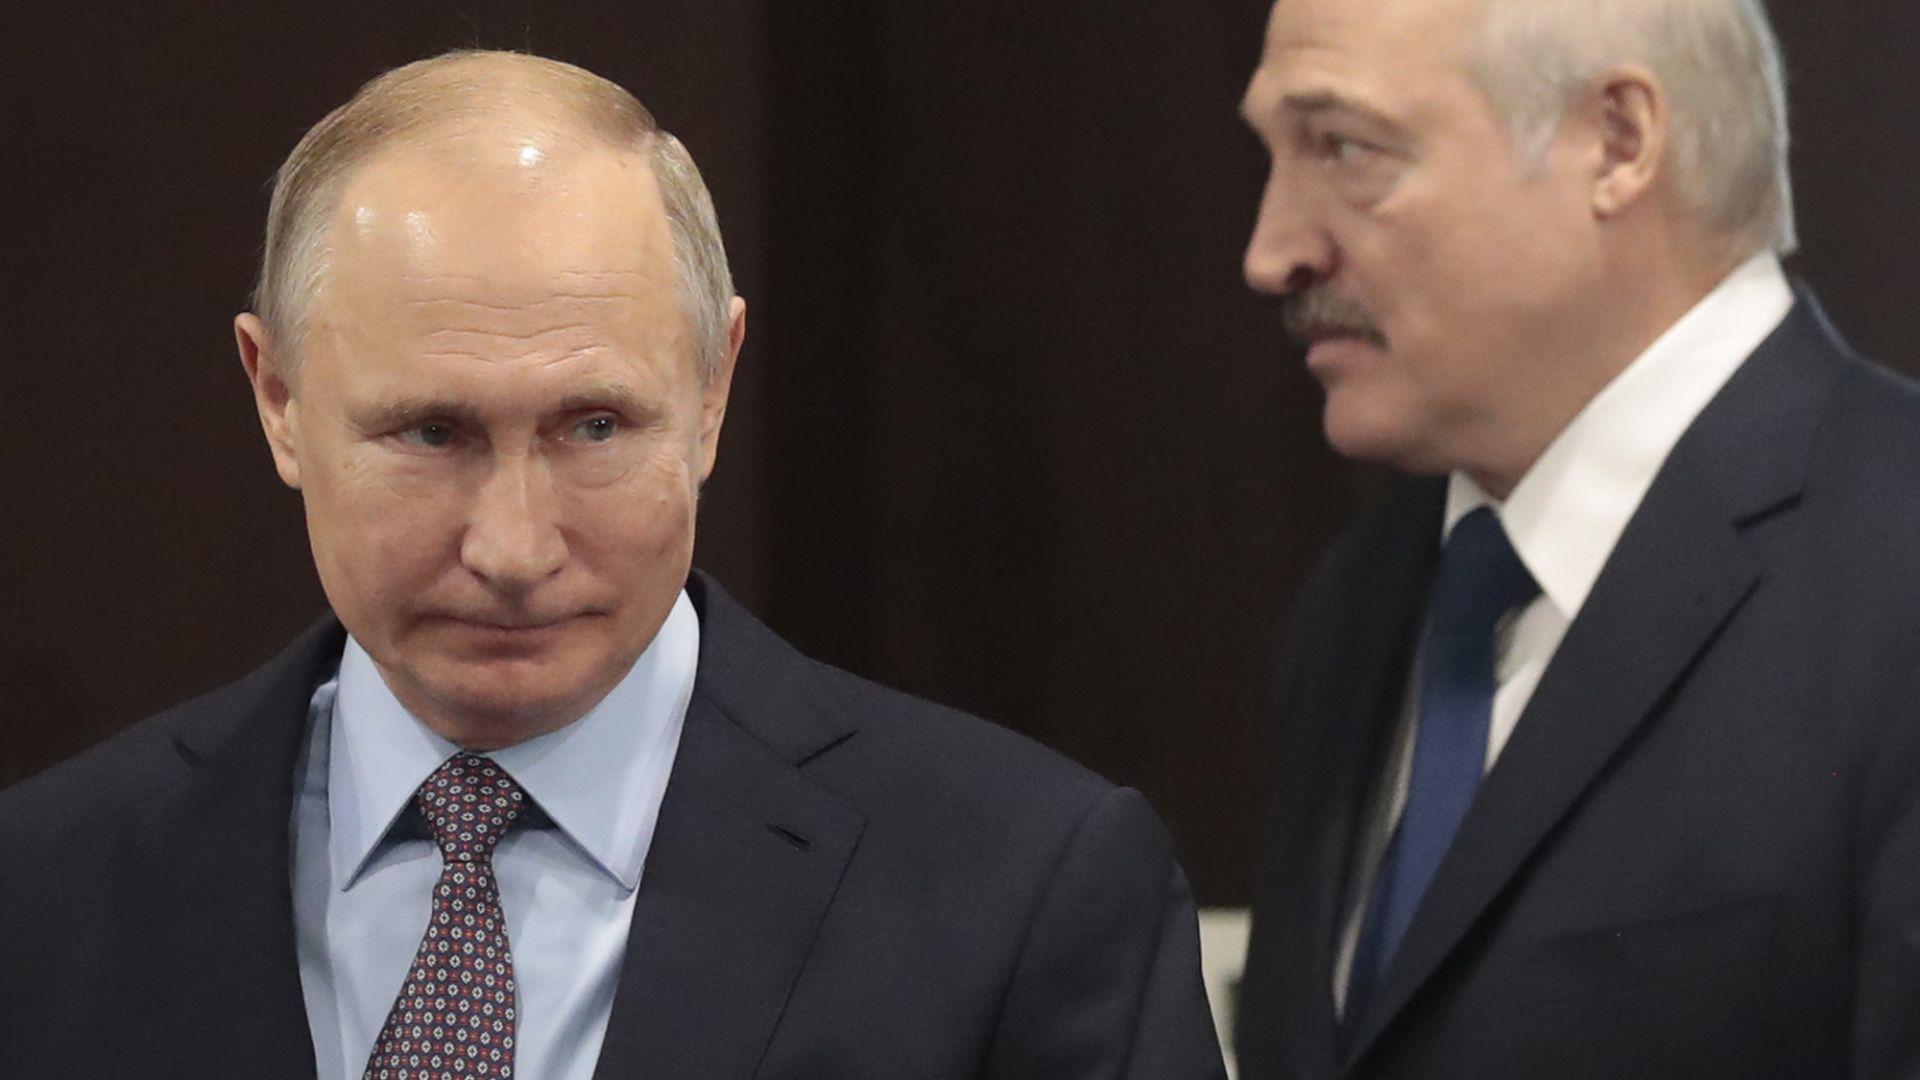 Русия и Беларус започнаха мащабно съвместно военно учение, НАТО изрази безпокойство